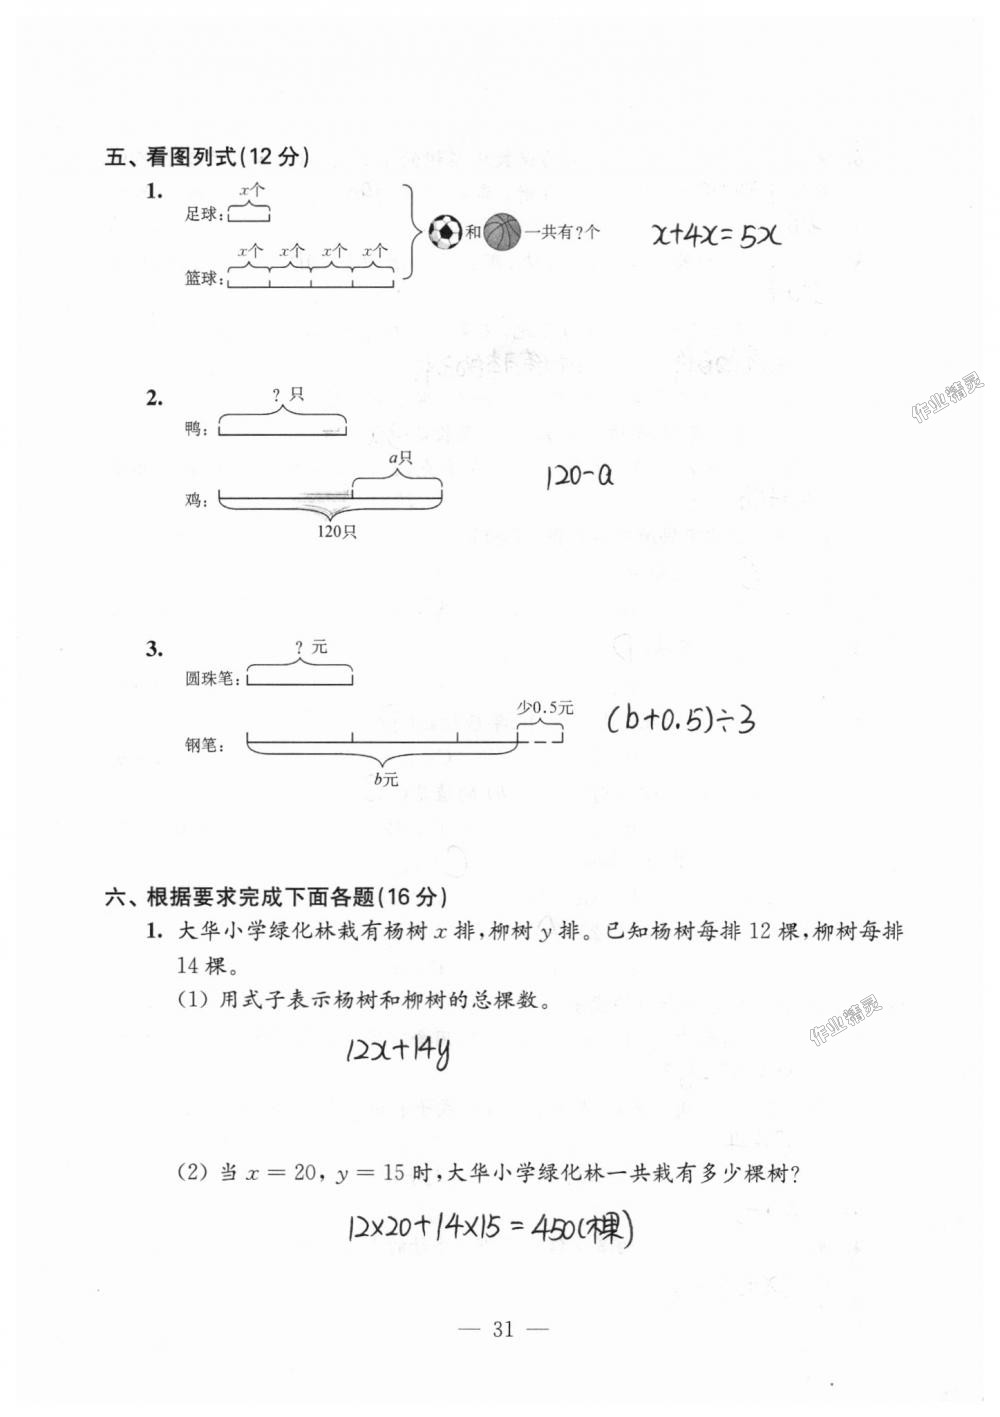 2018年练习与测试检测卷五年级数学上册苏教版第31页